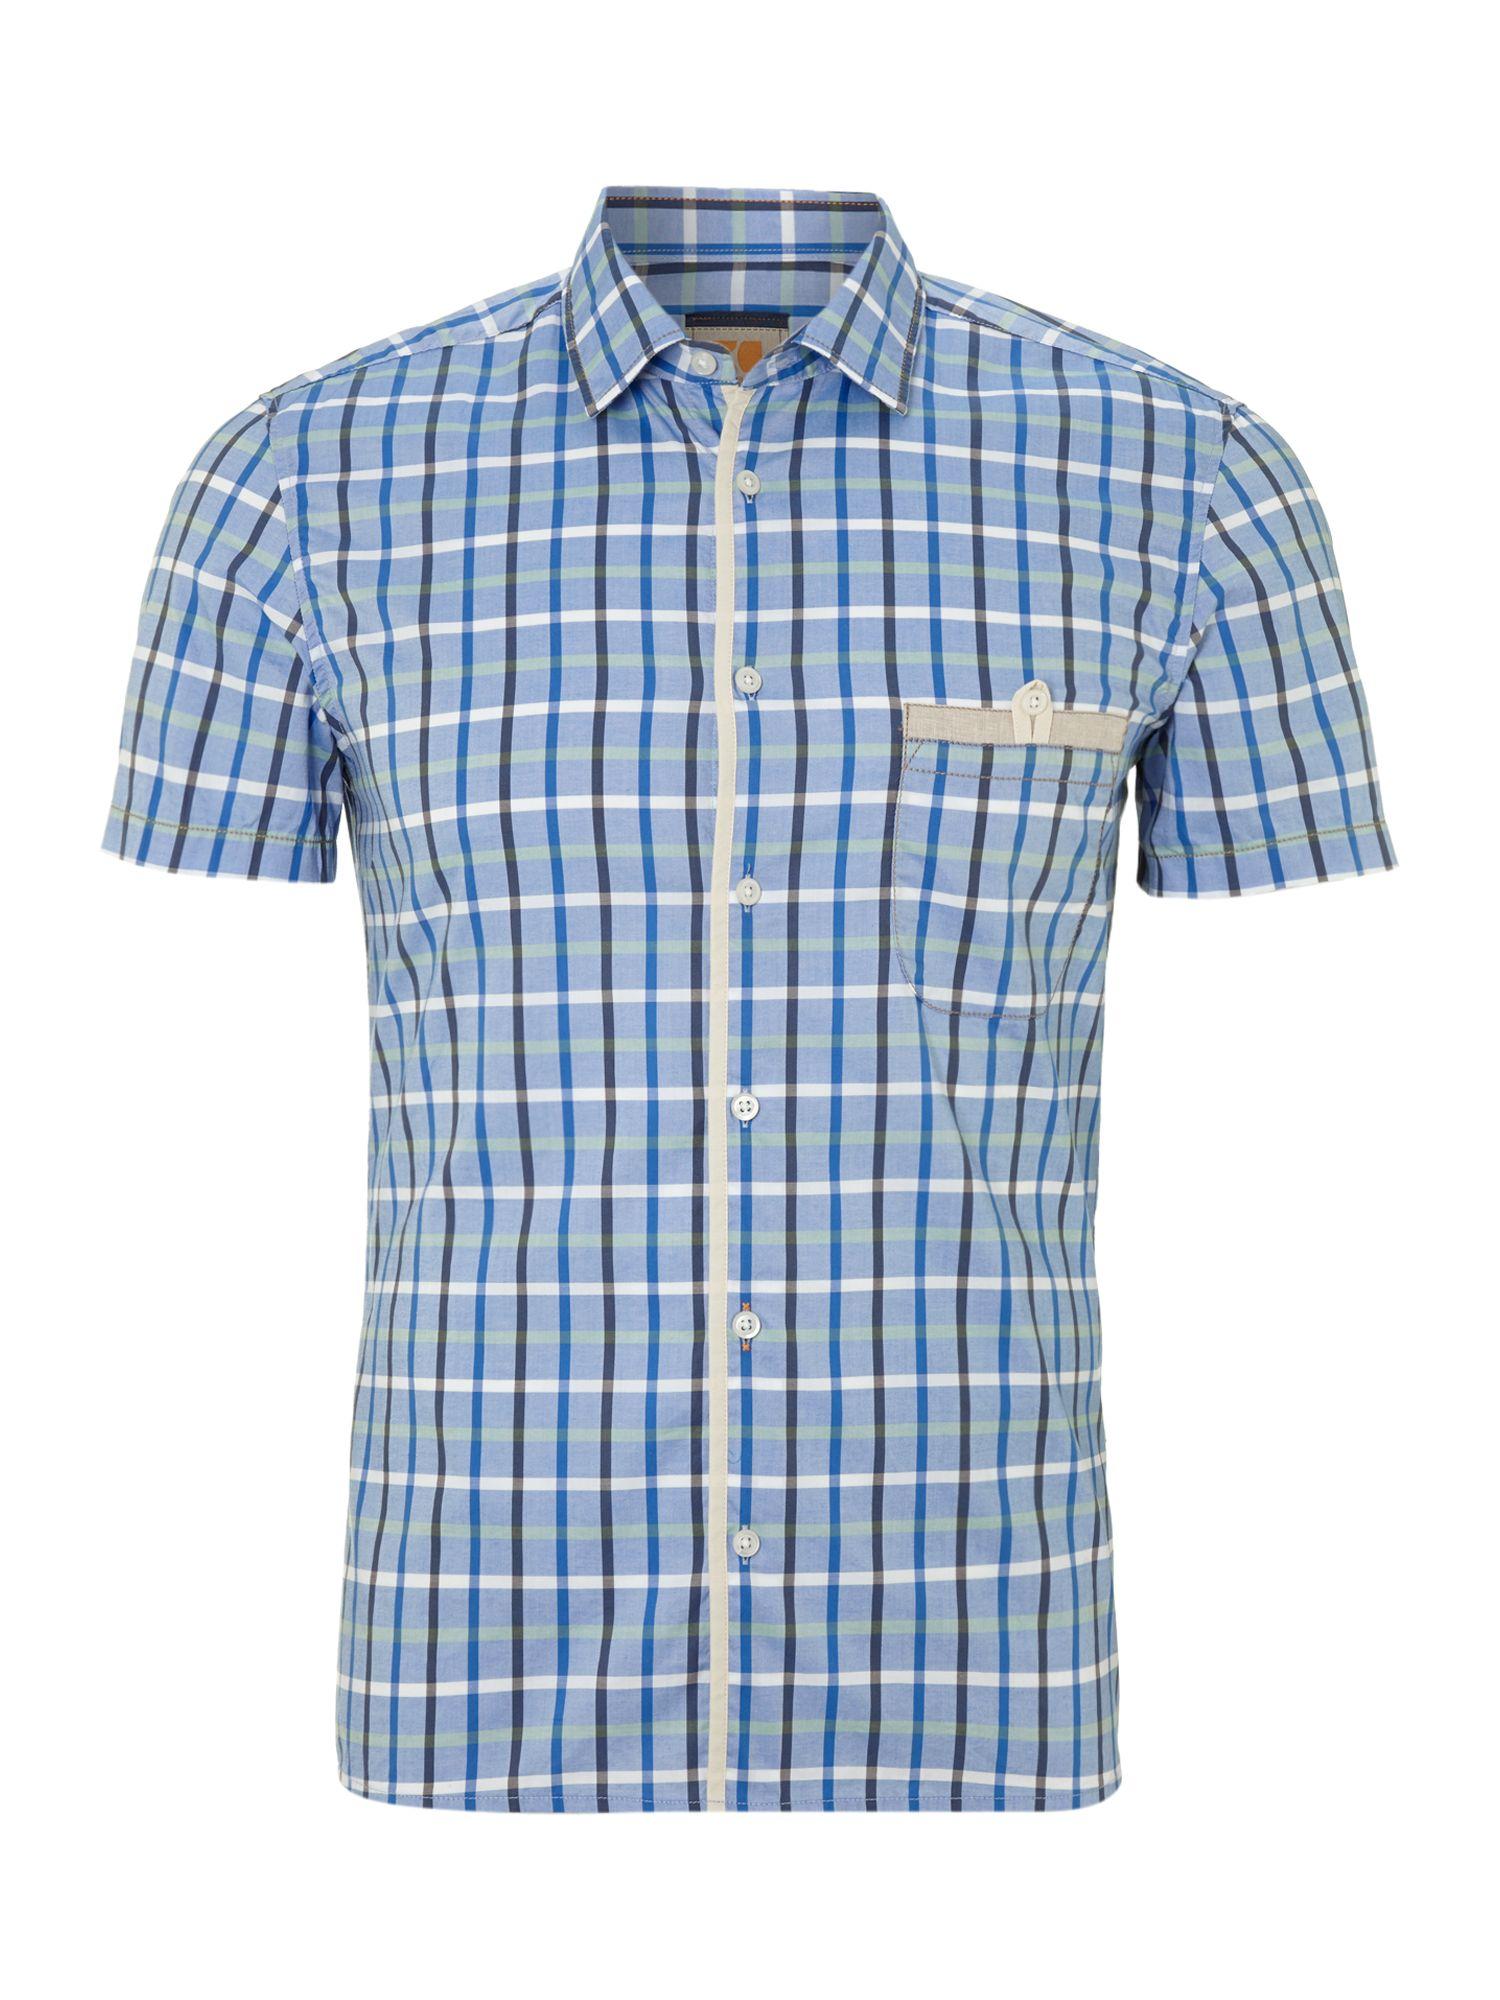 hugo boss short sleeved checked shirt in blue for men